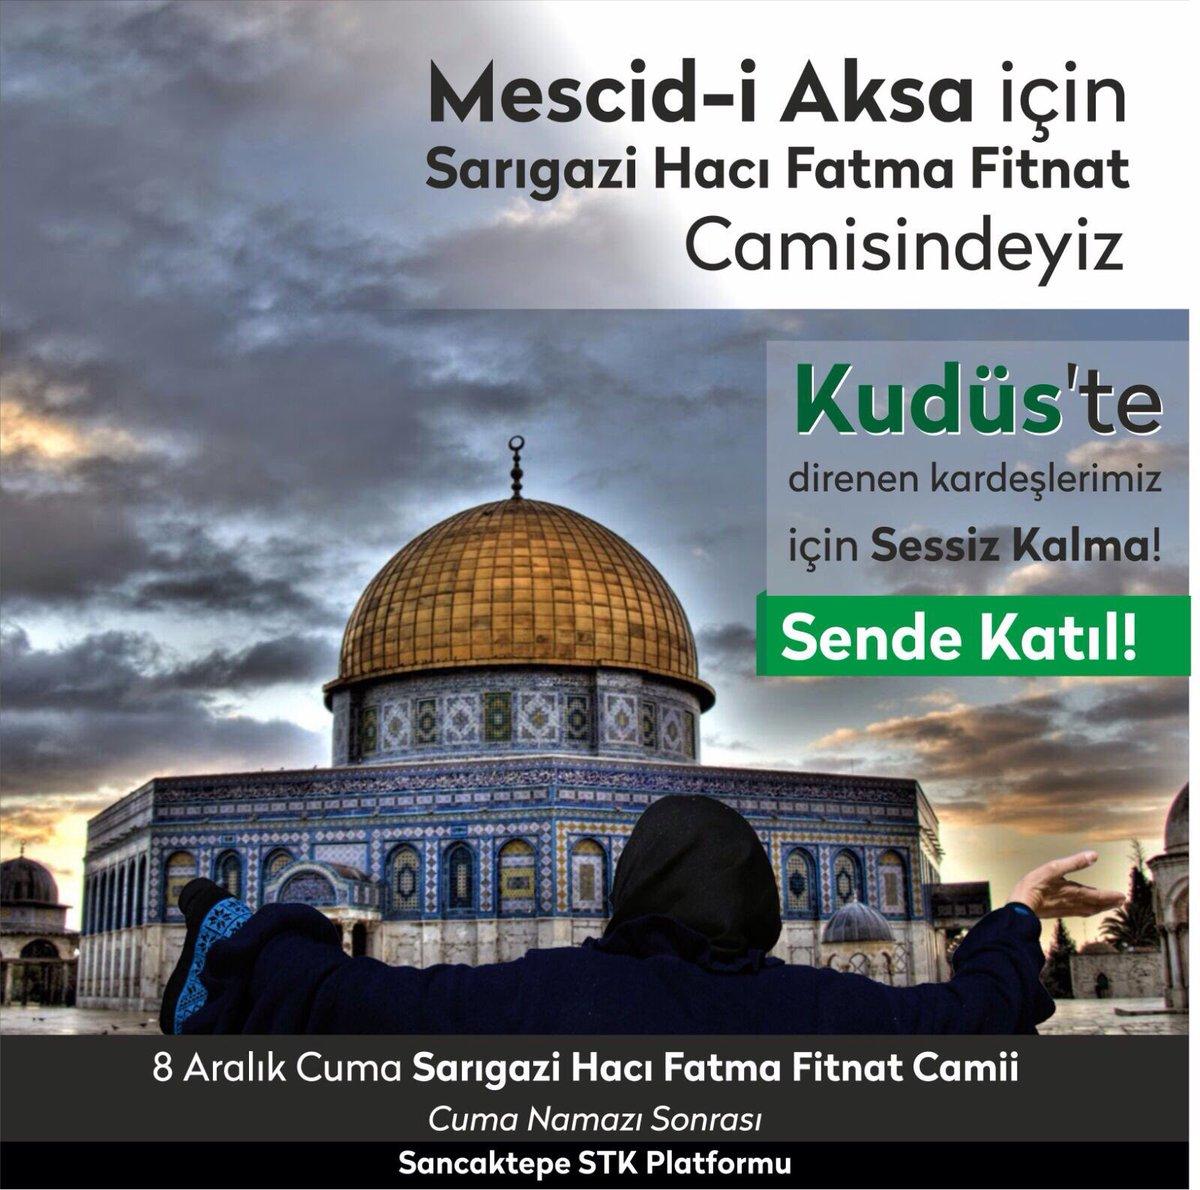 #MüminlerinBaşkentiKudüs https://t.co/Ei...